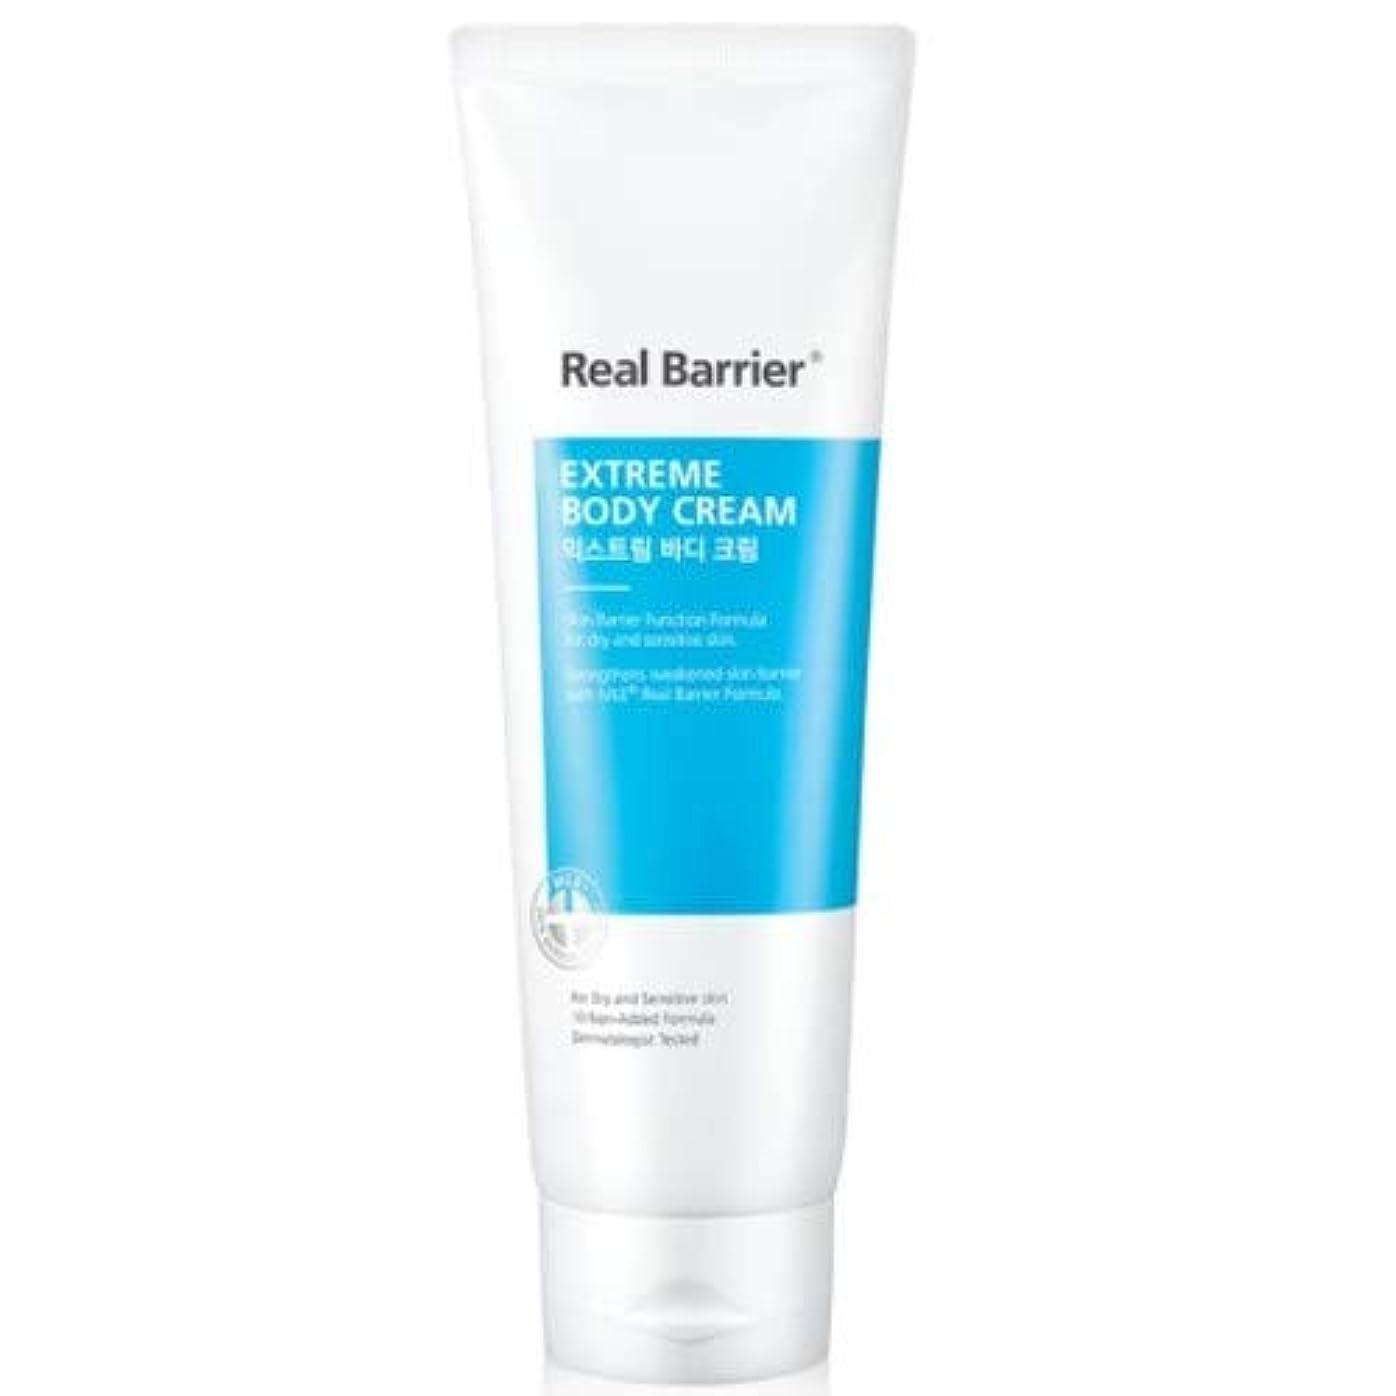 アクション明日ひいきにするATOPALM Real Barrier?エクストリームボディークリーム250g / ATOPALM Real Barrier Extreme Body Cream [並行輸入品]